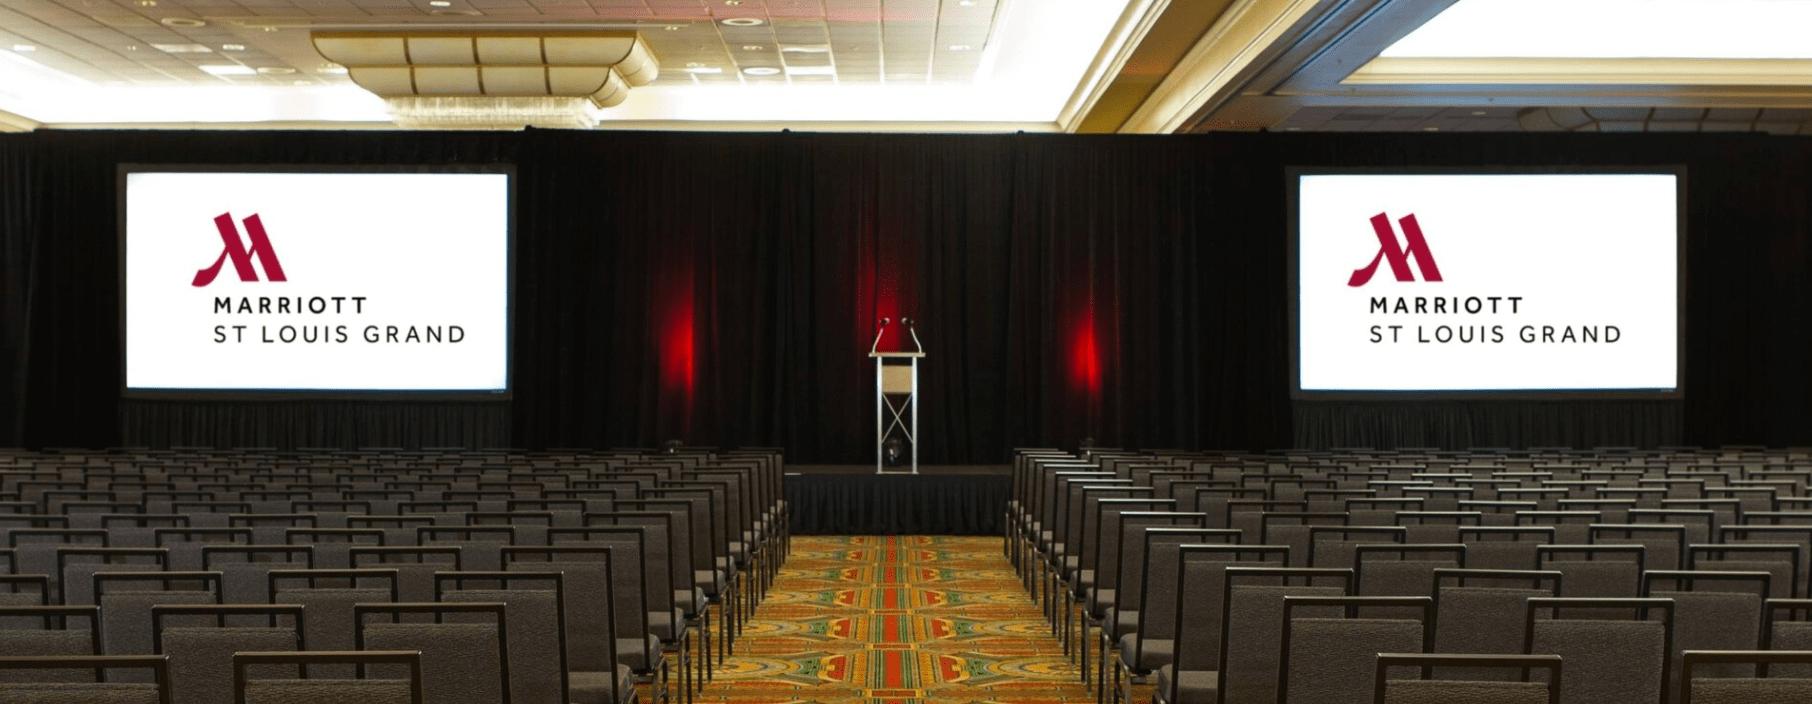 Marriott St Louis Grand - St. Louis Event Venues